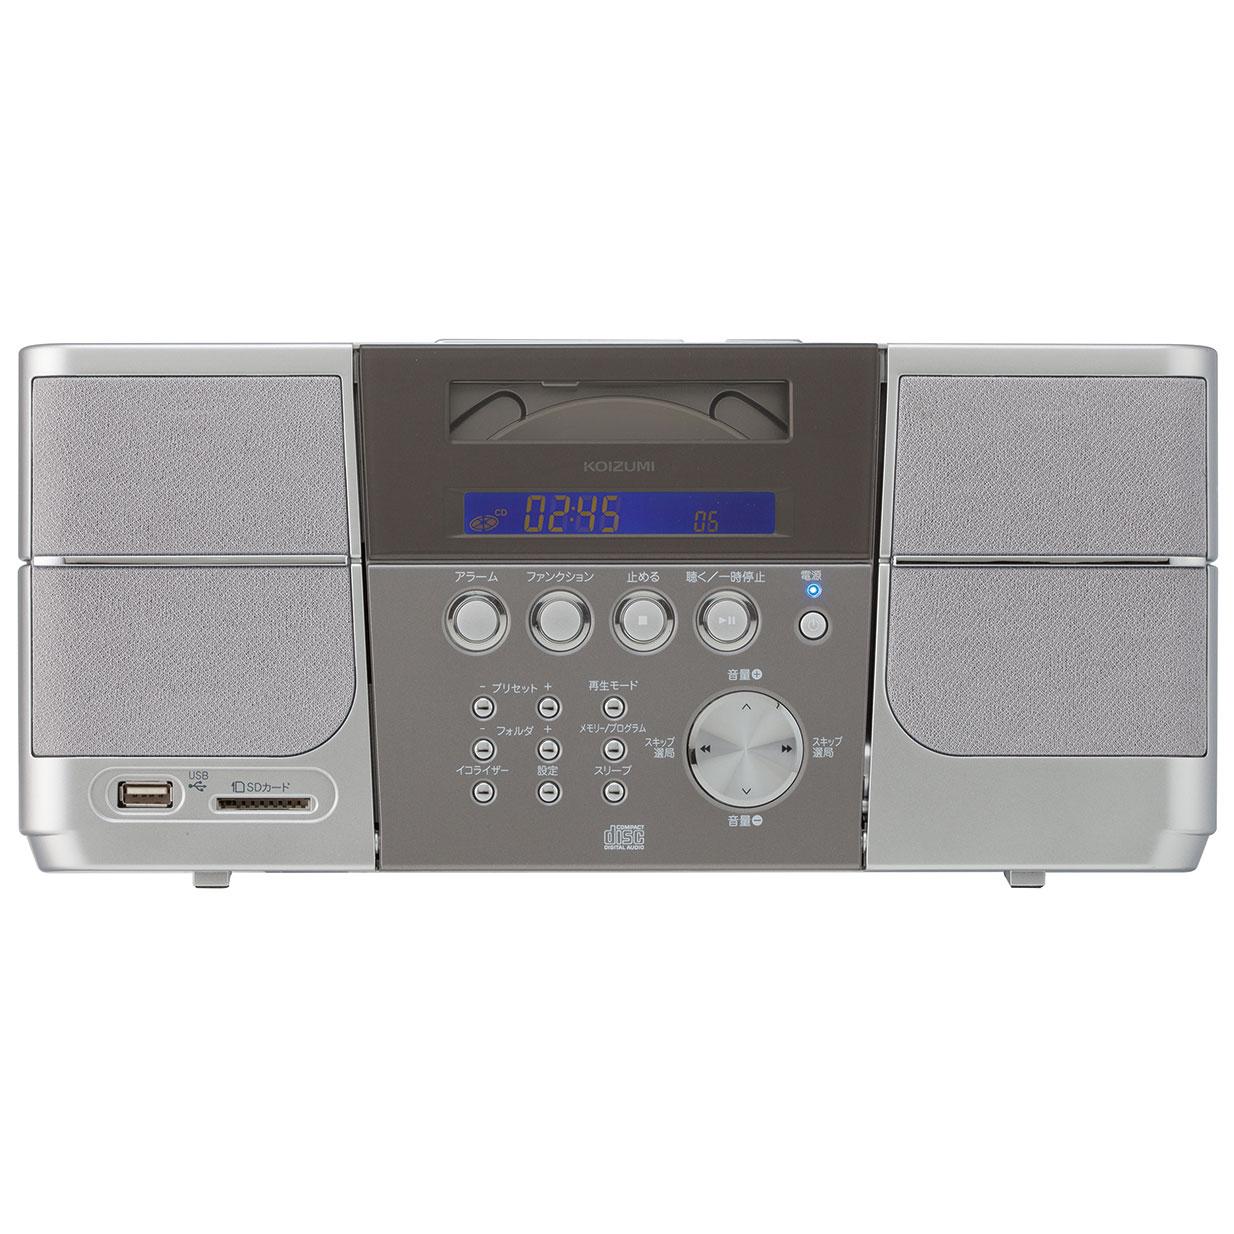 SDD-4340